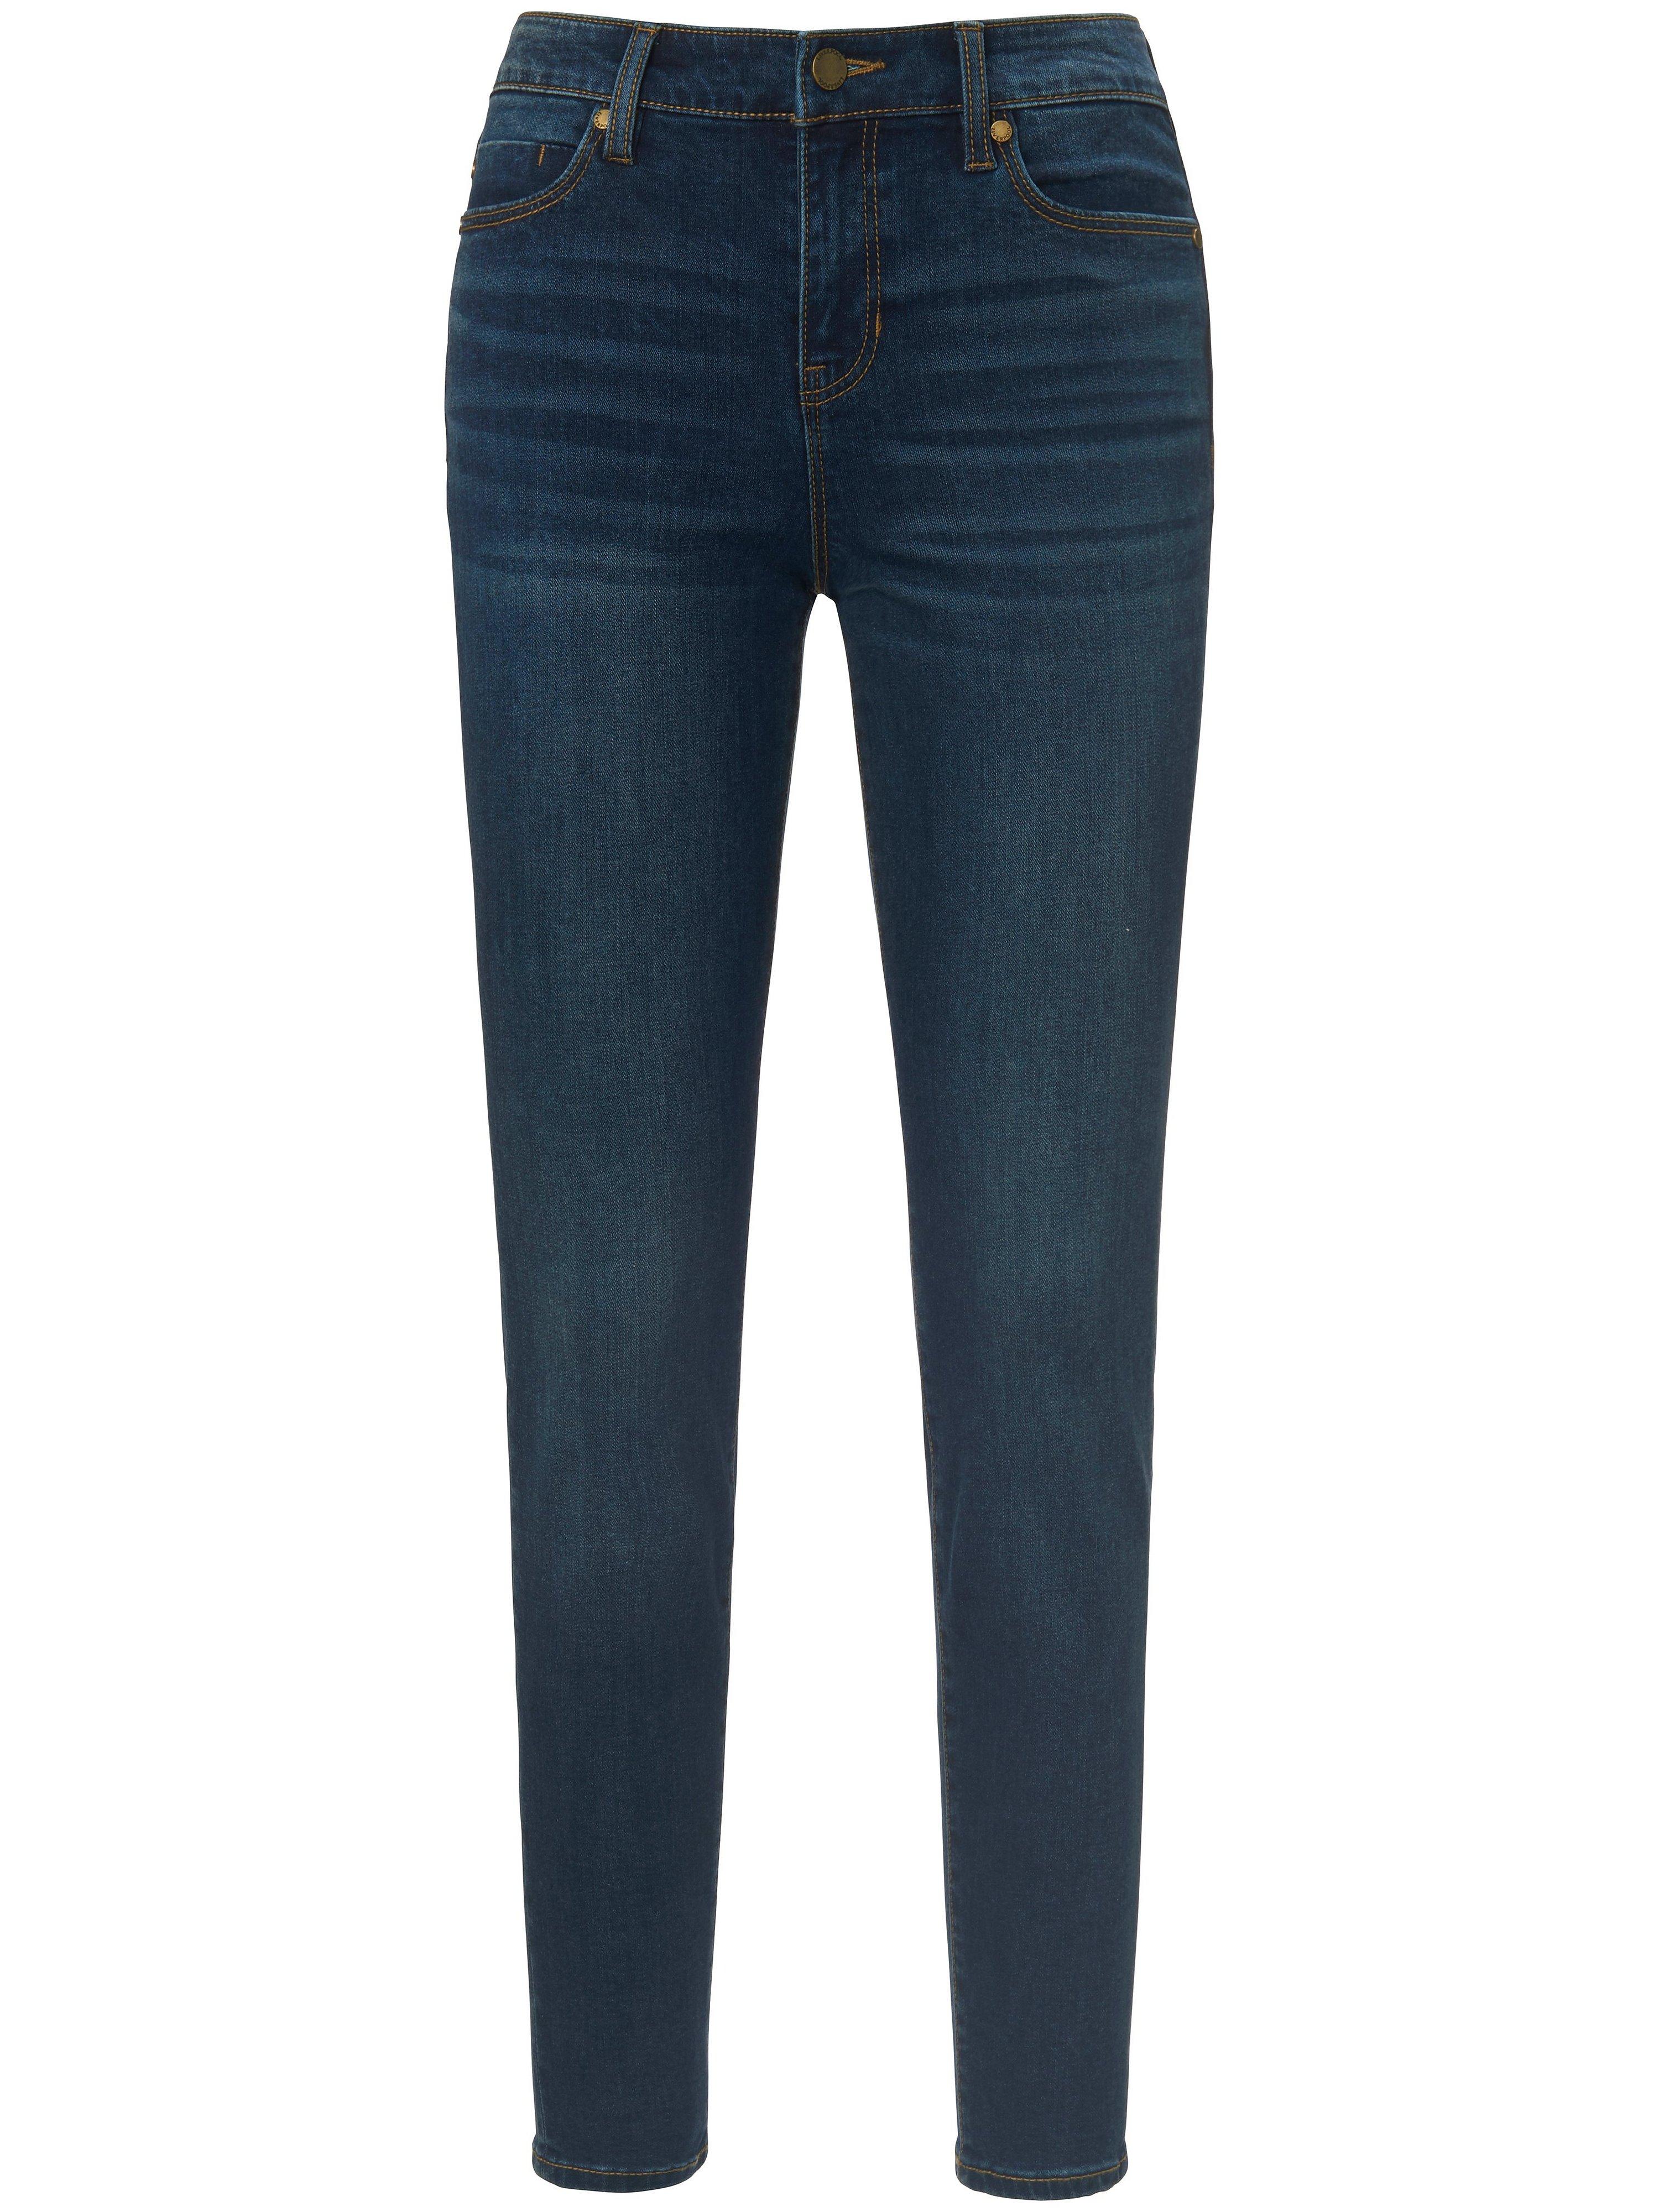 Jeans Van LIVERPOOL blauw